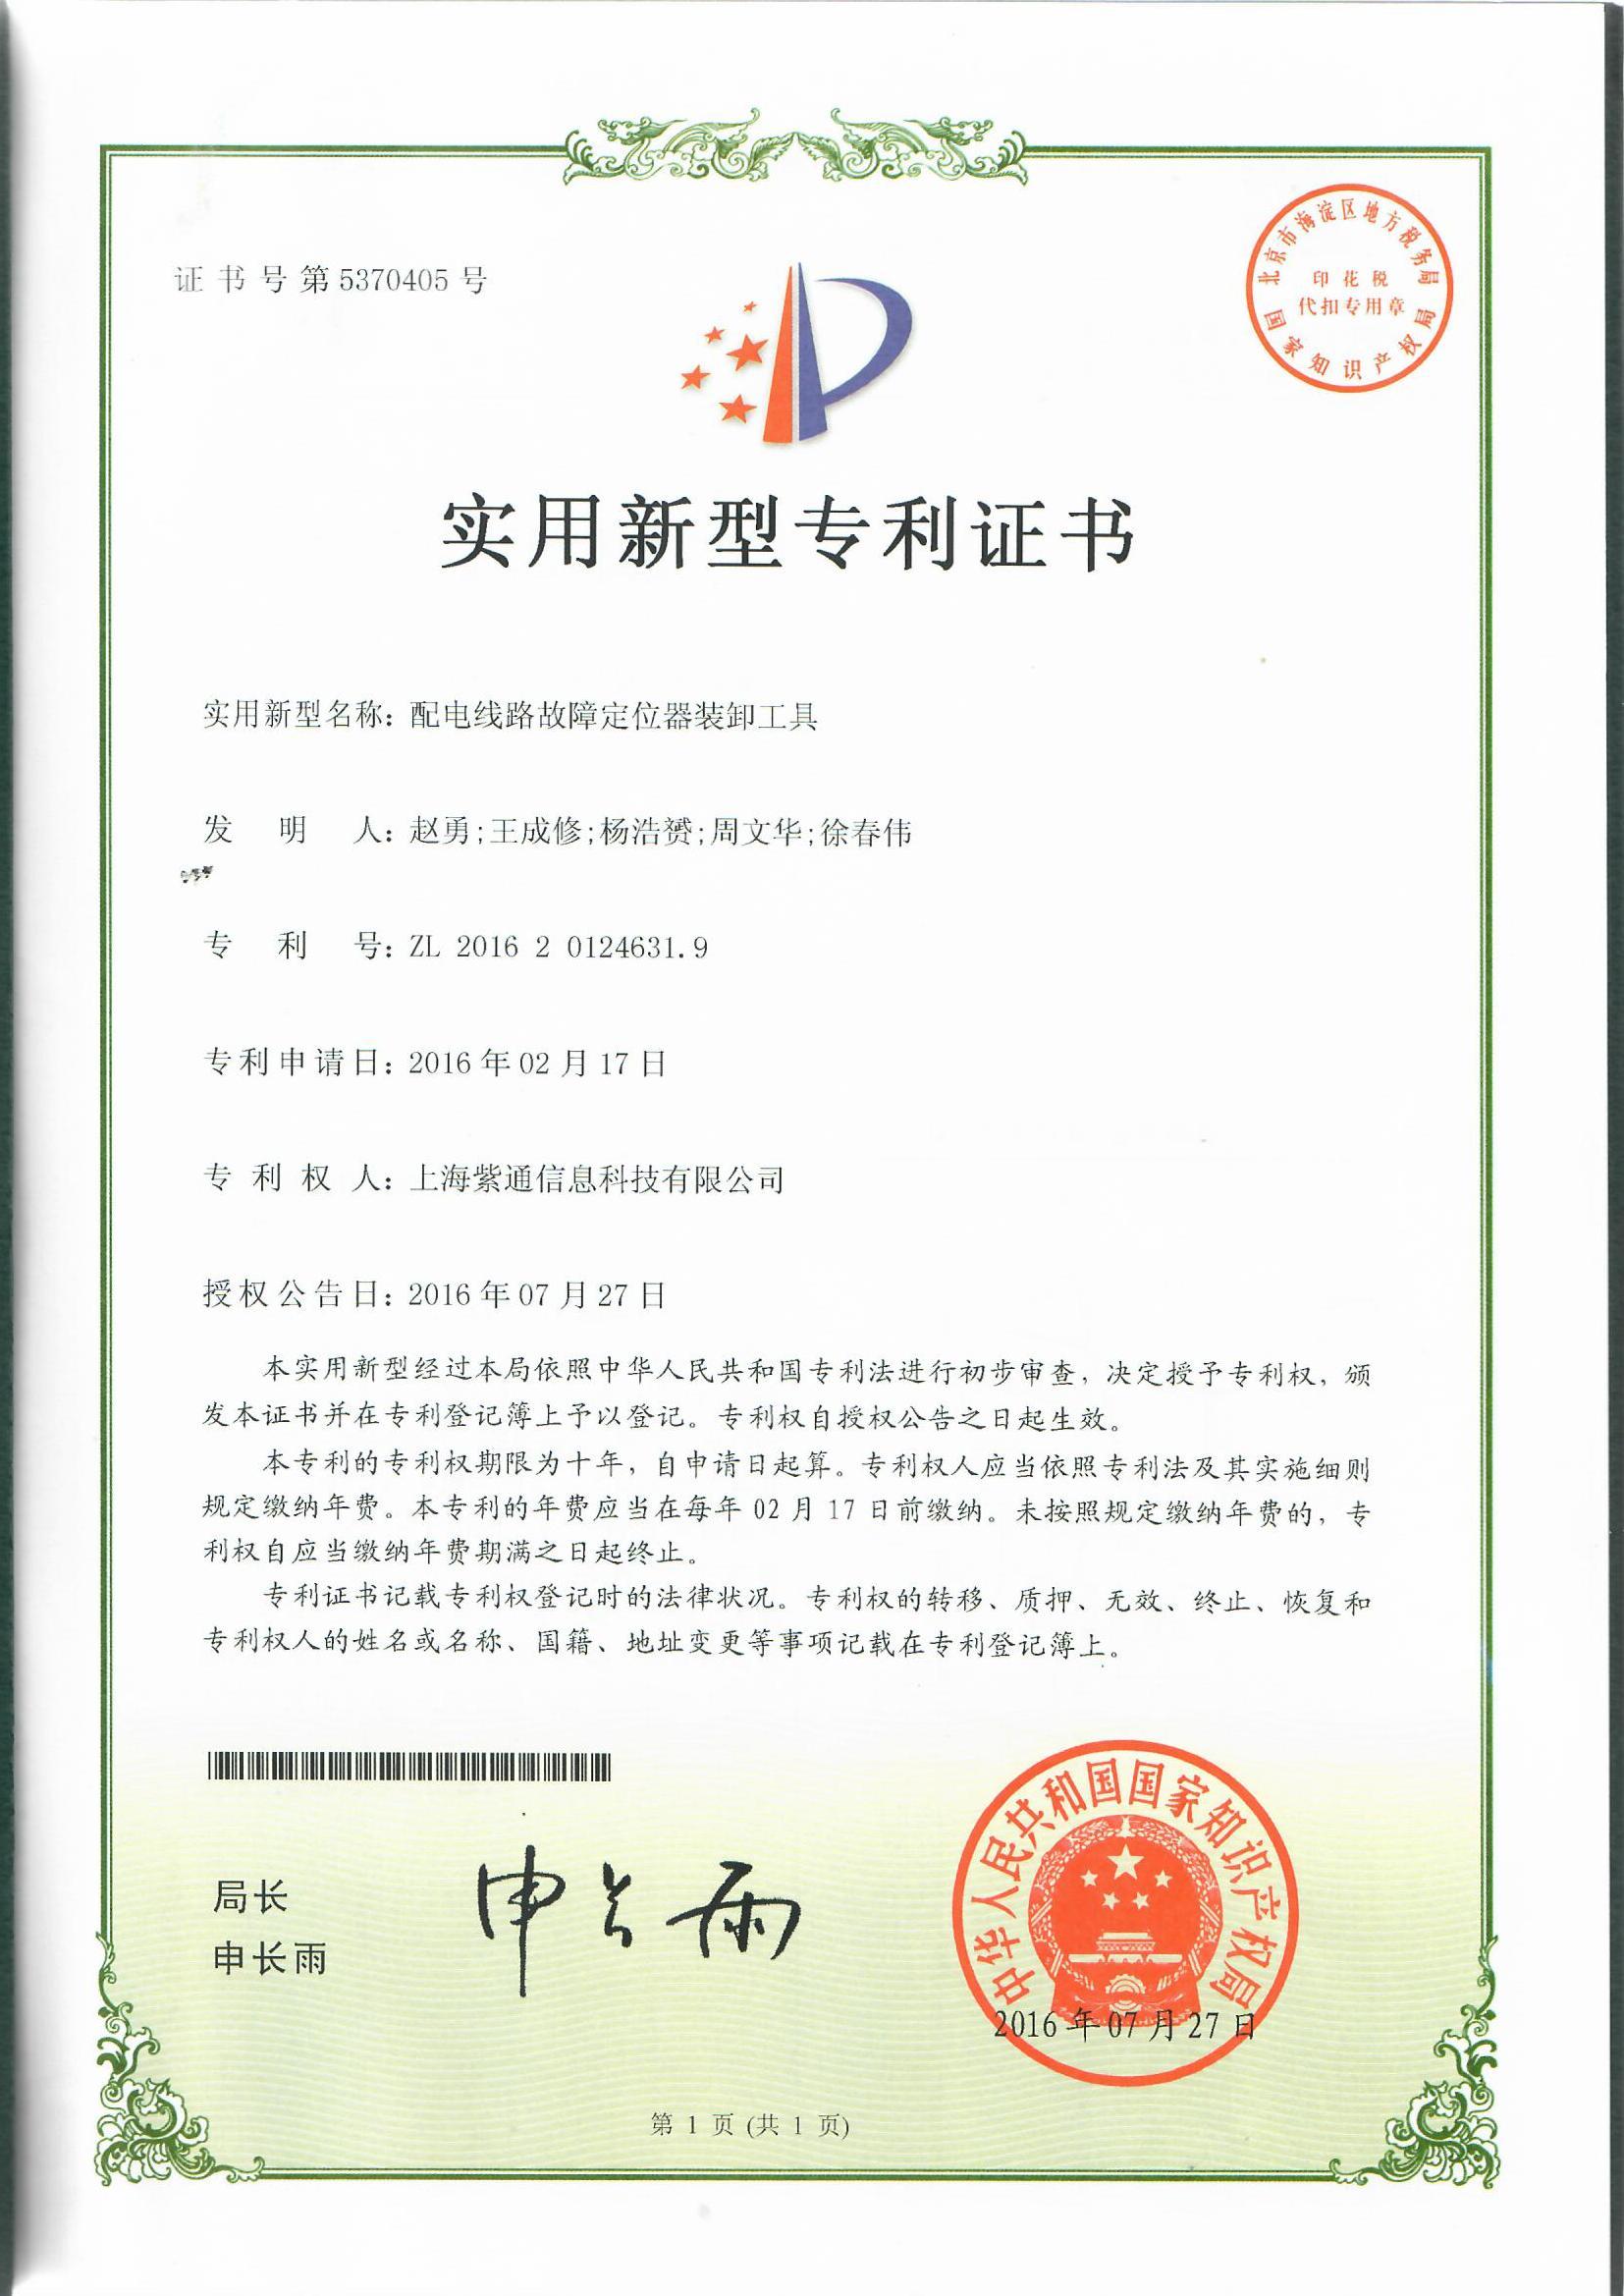 配电线路故障定位装置装卸工具实用新型专利证书